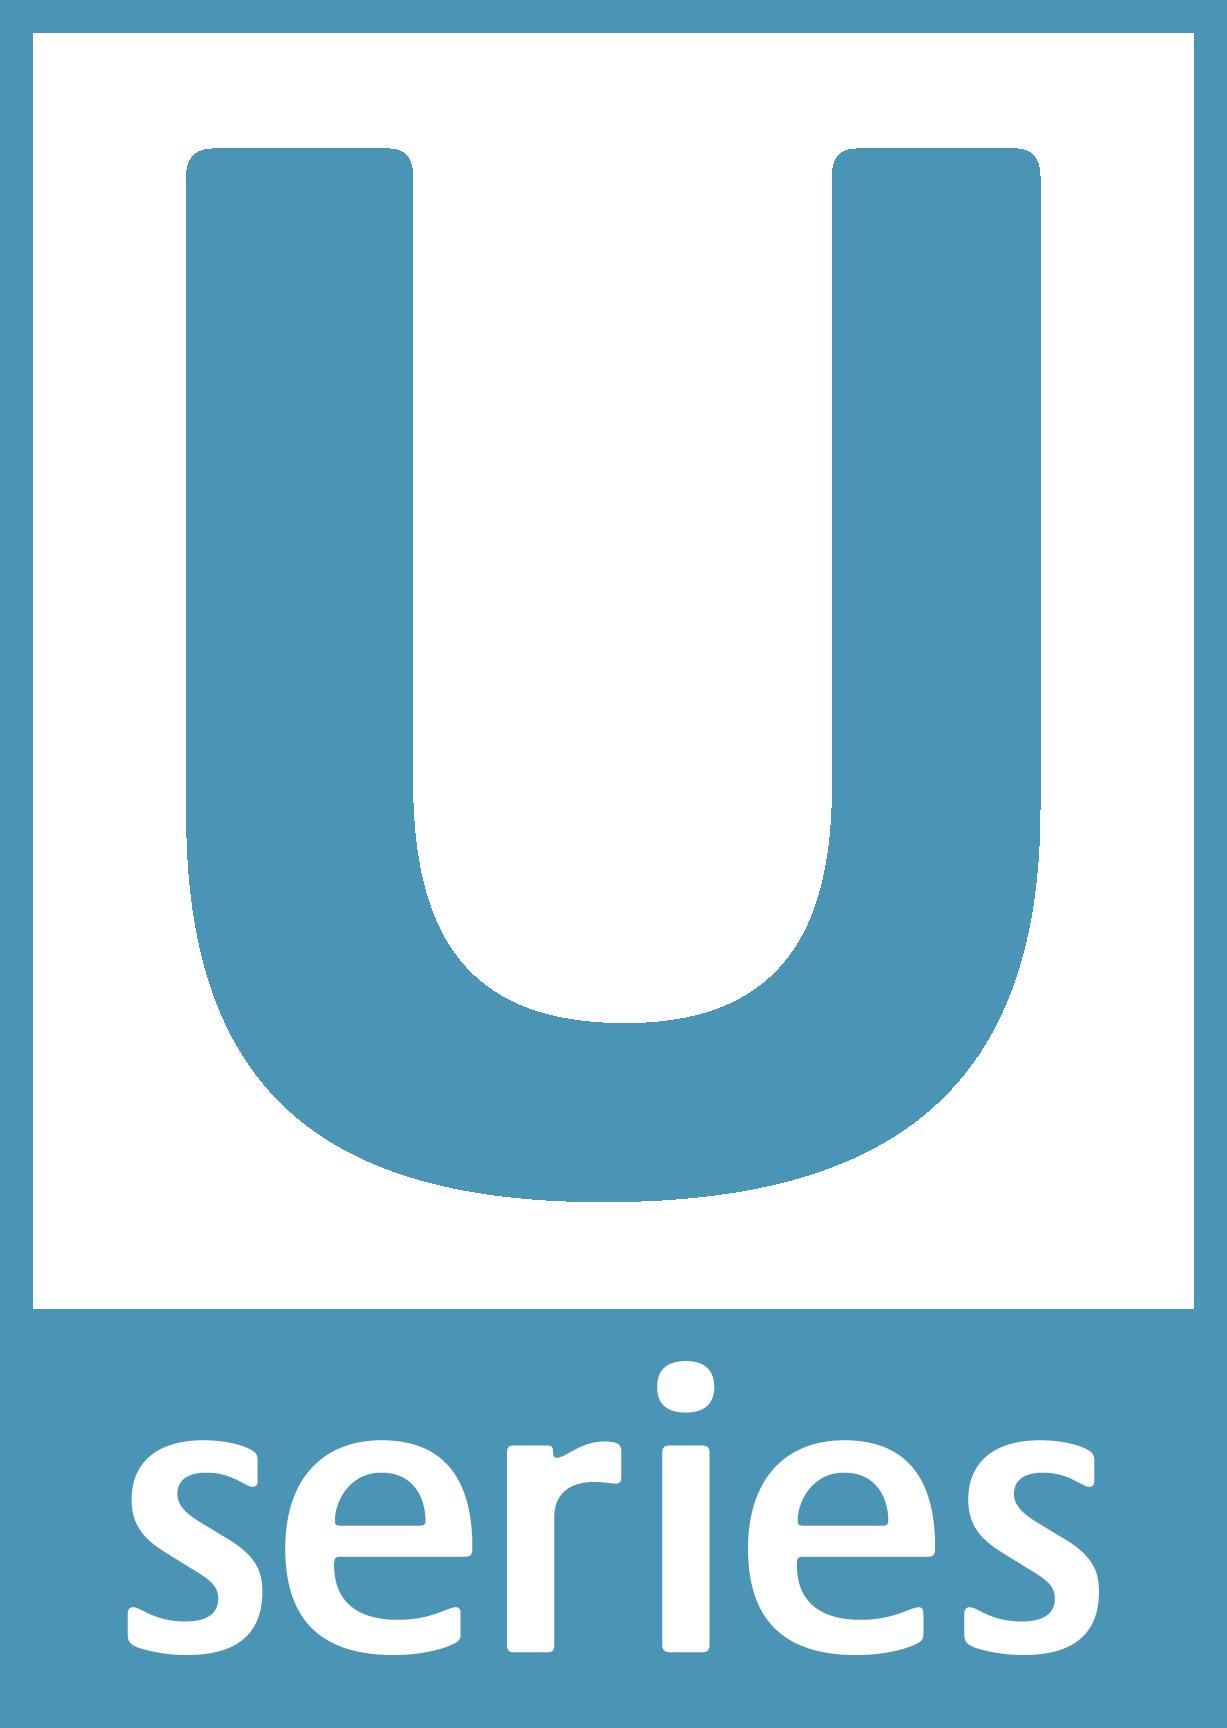 Visuel de la série U, une gamme de caméras de sécurité et de vidéoprotection Panasonic Business, une marque partenaire et distribuée par SIPPRO Solutions IP Protection, distributeurs de solutions de sûreté et de sécurité pour les professionnels.